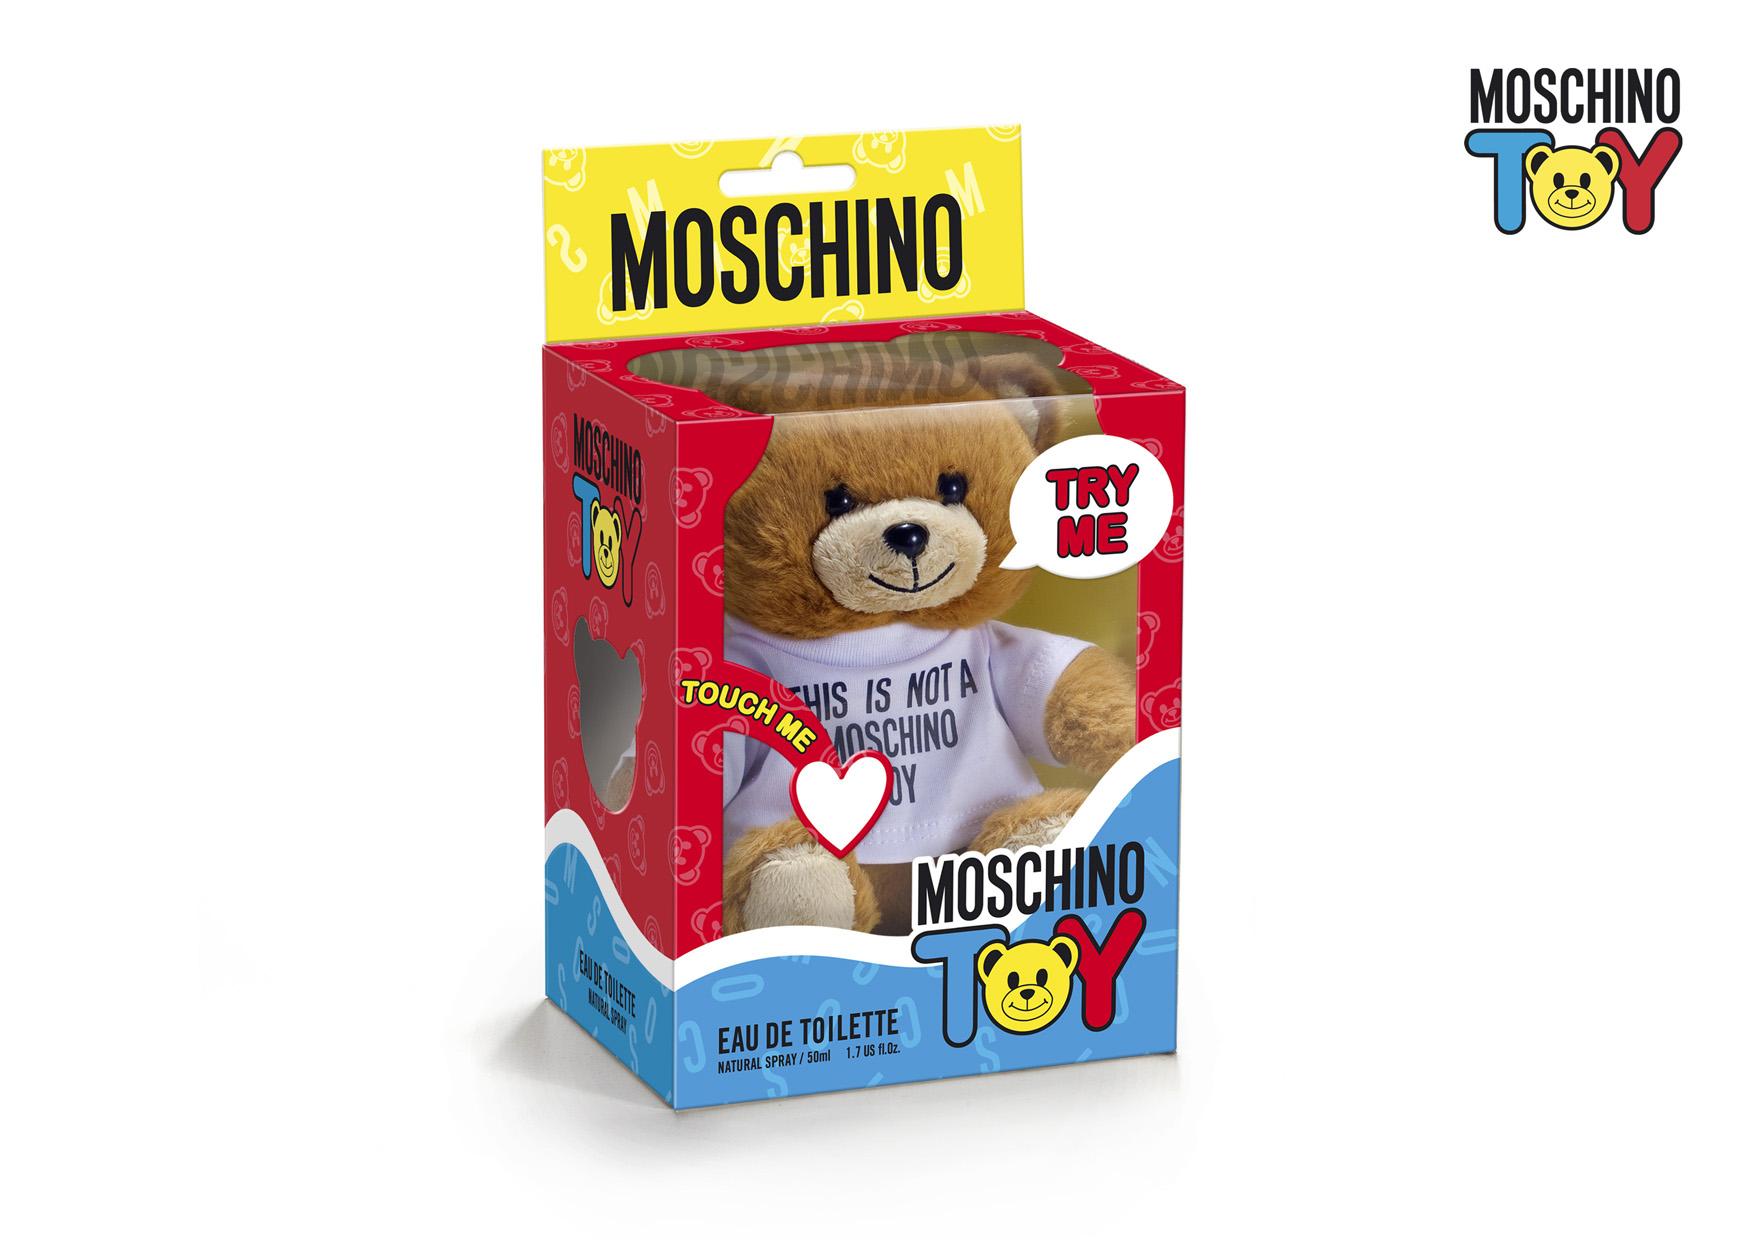 MOSCHINO TOY BOX